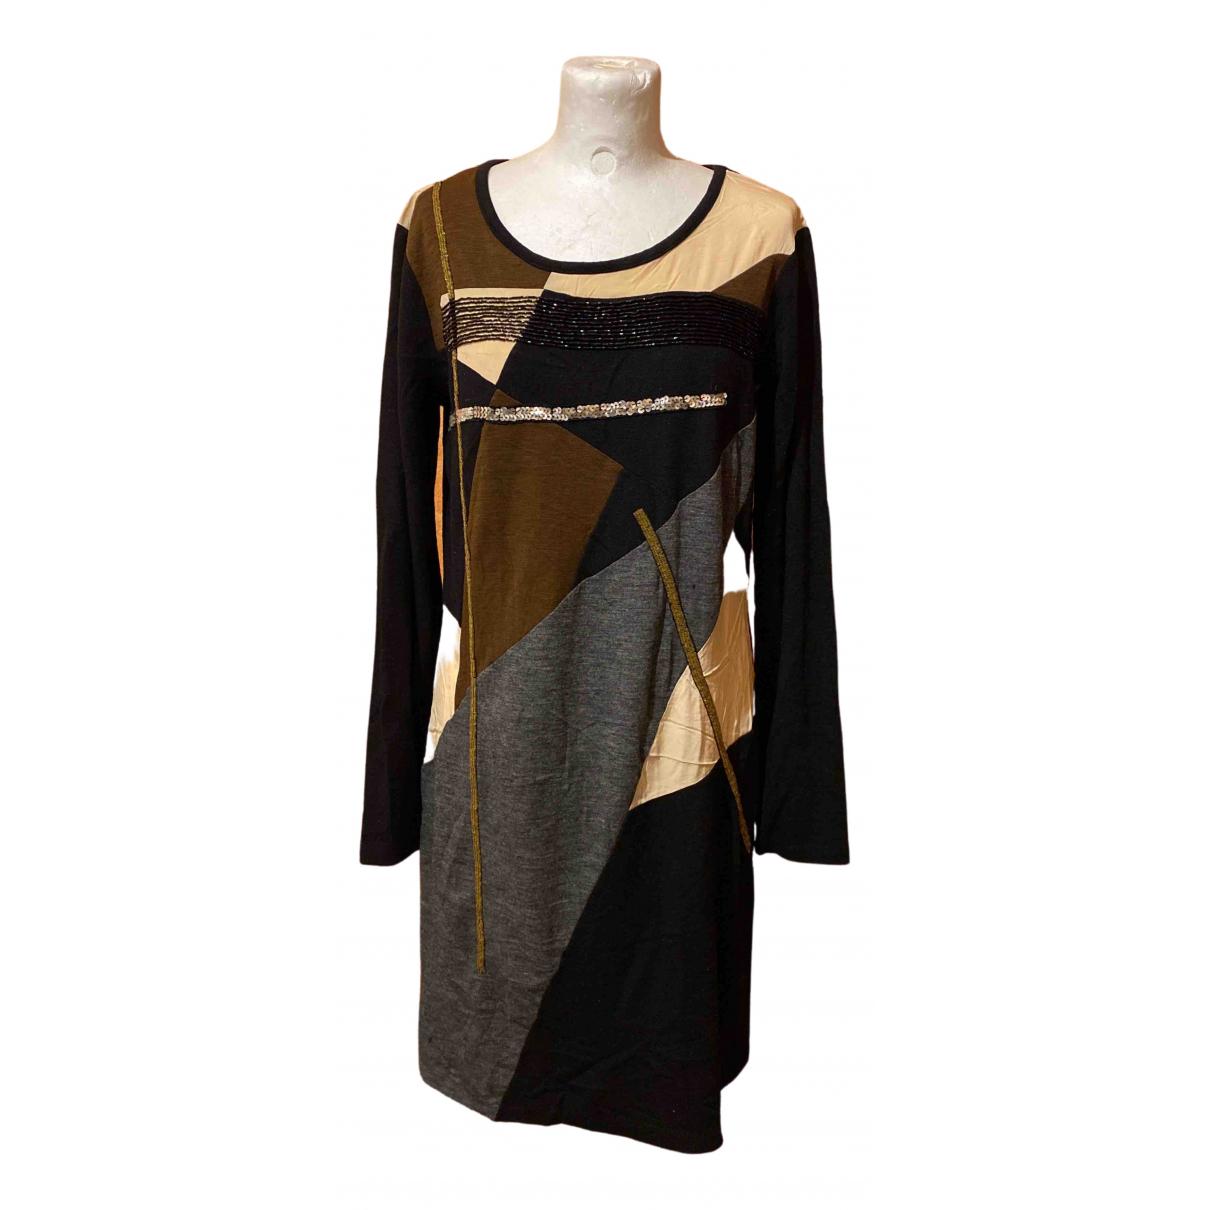 Dkny \N Kleid in  Bunt Wolle